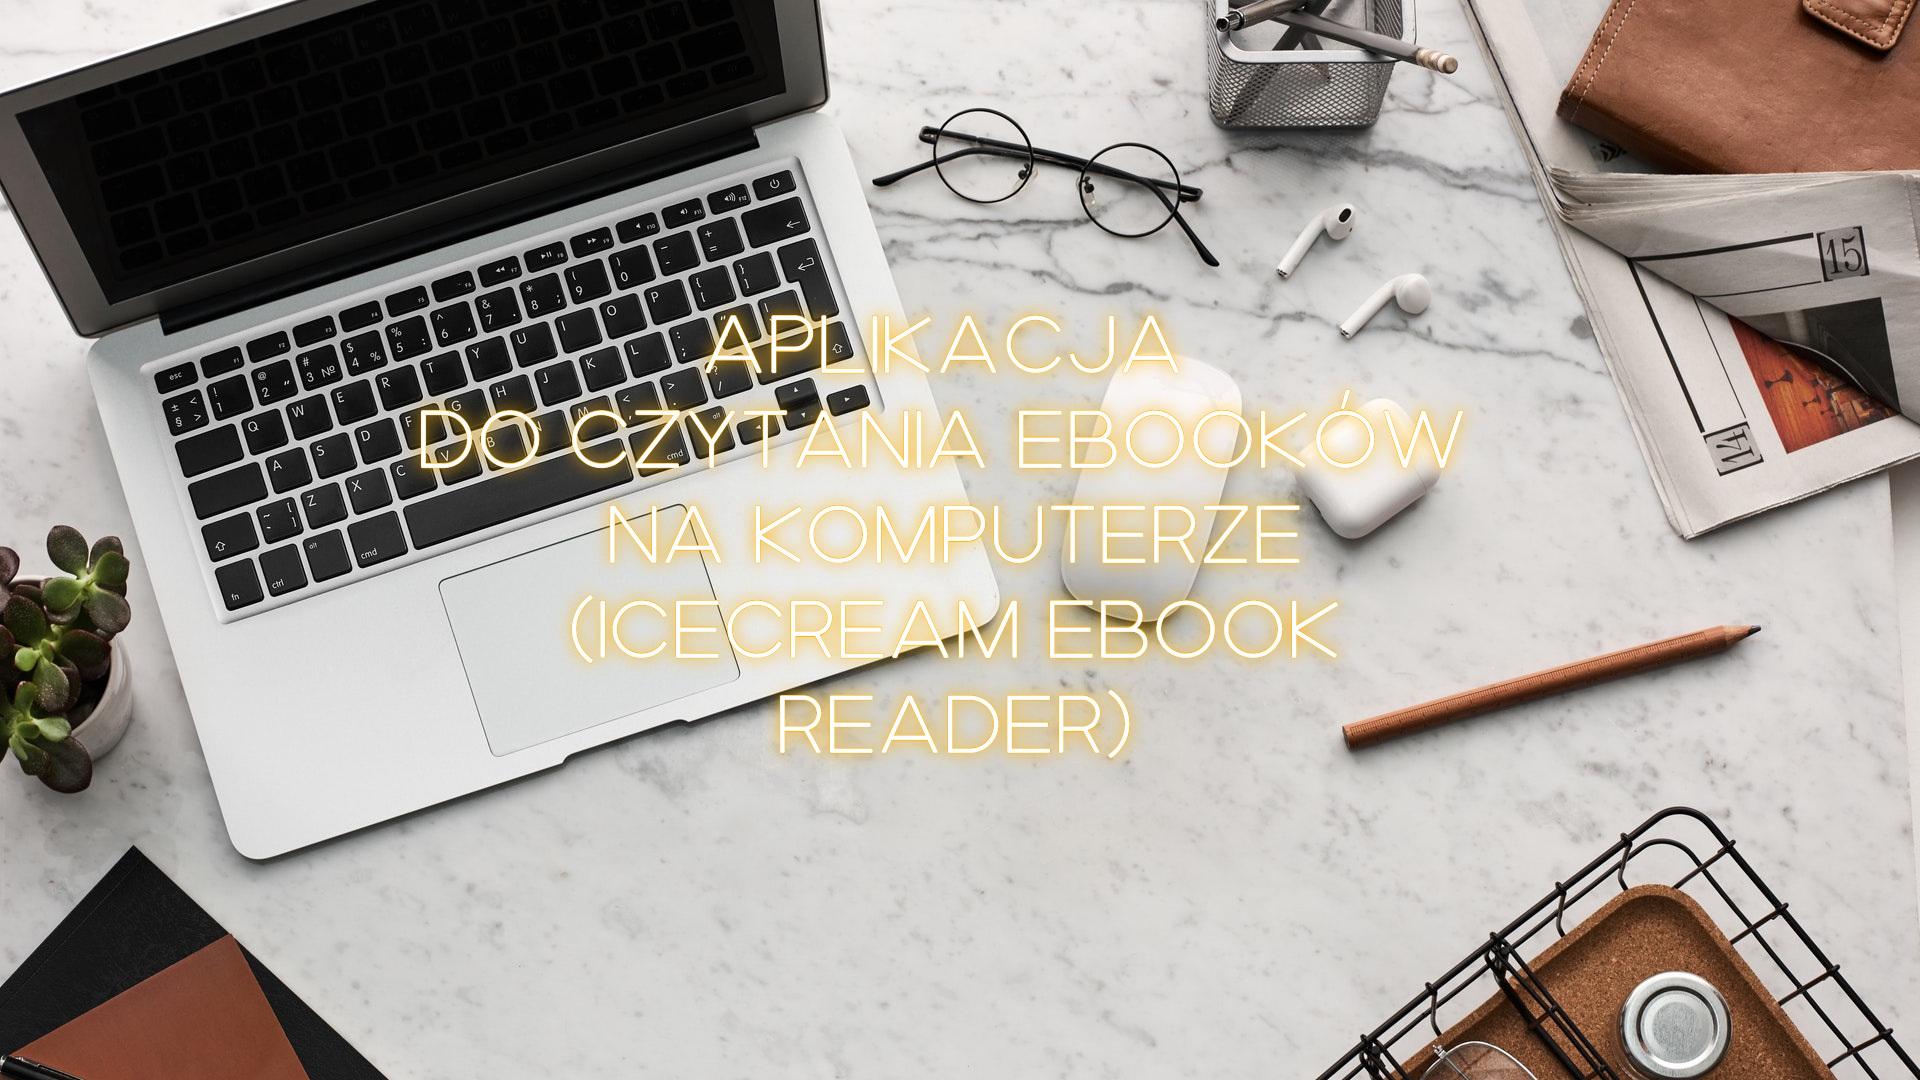 Minimalistyczna aplikacja do czytania ebooków na komputerze (test aplikacji Icecream Ebook Reader) - www.naczytniku.pl